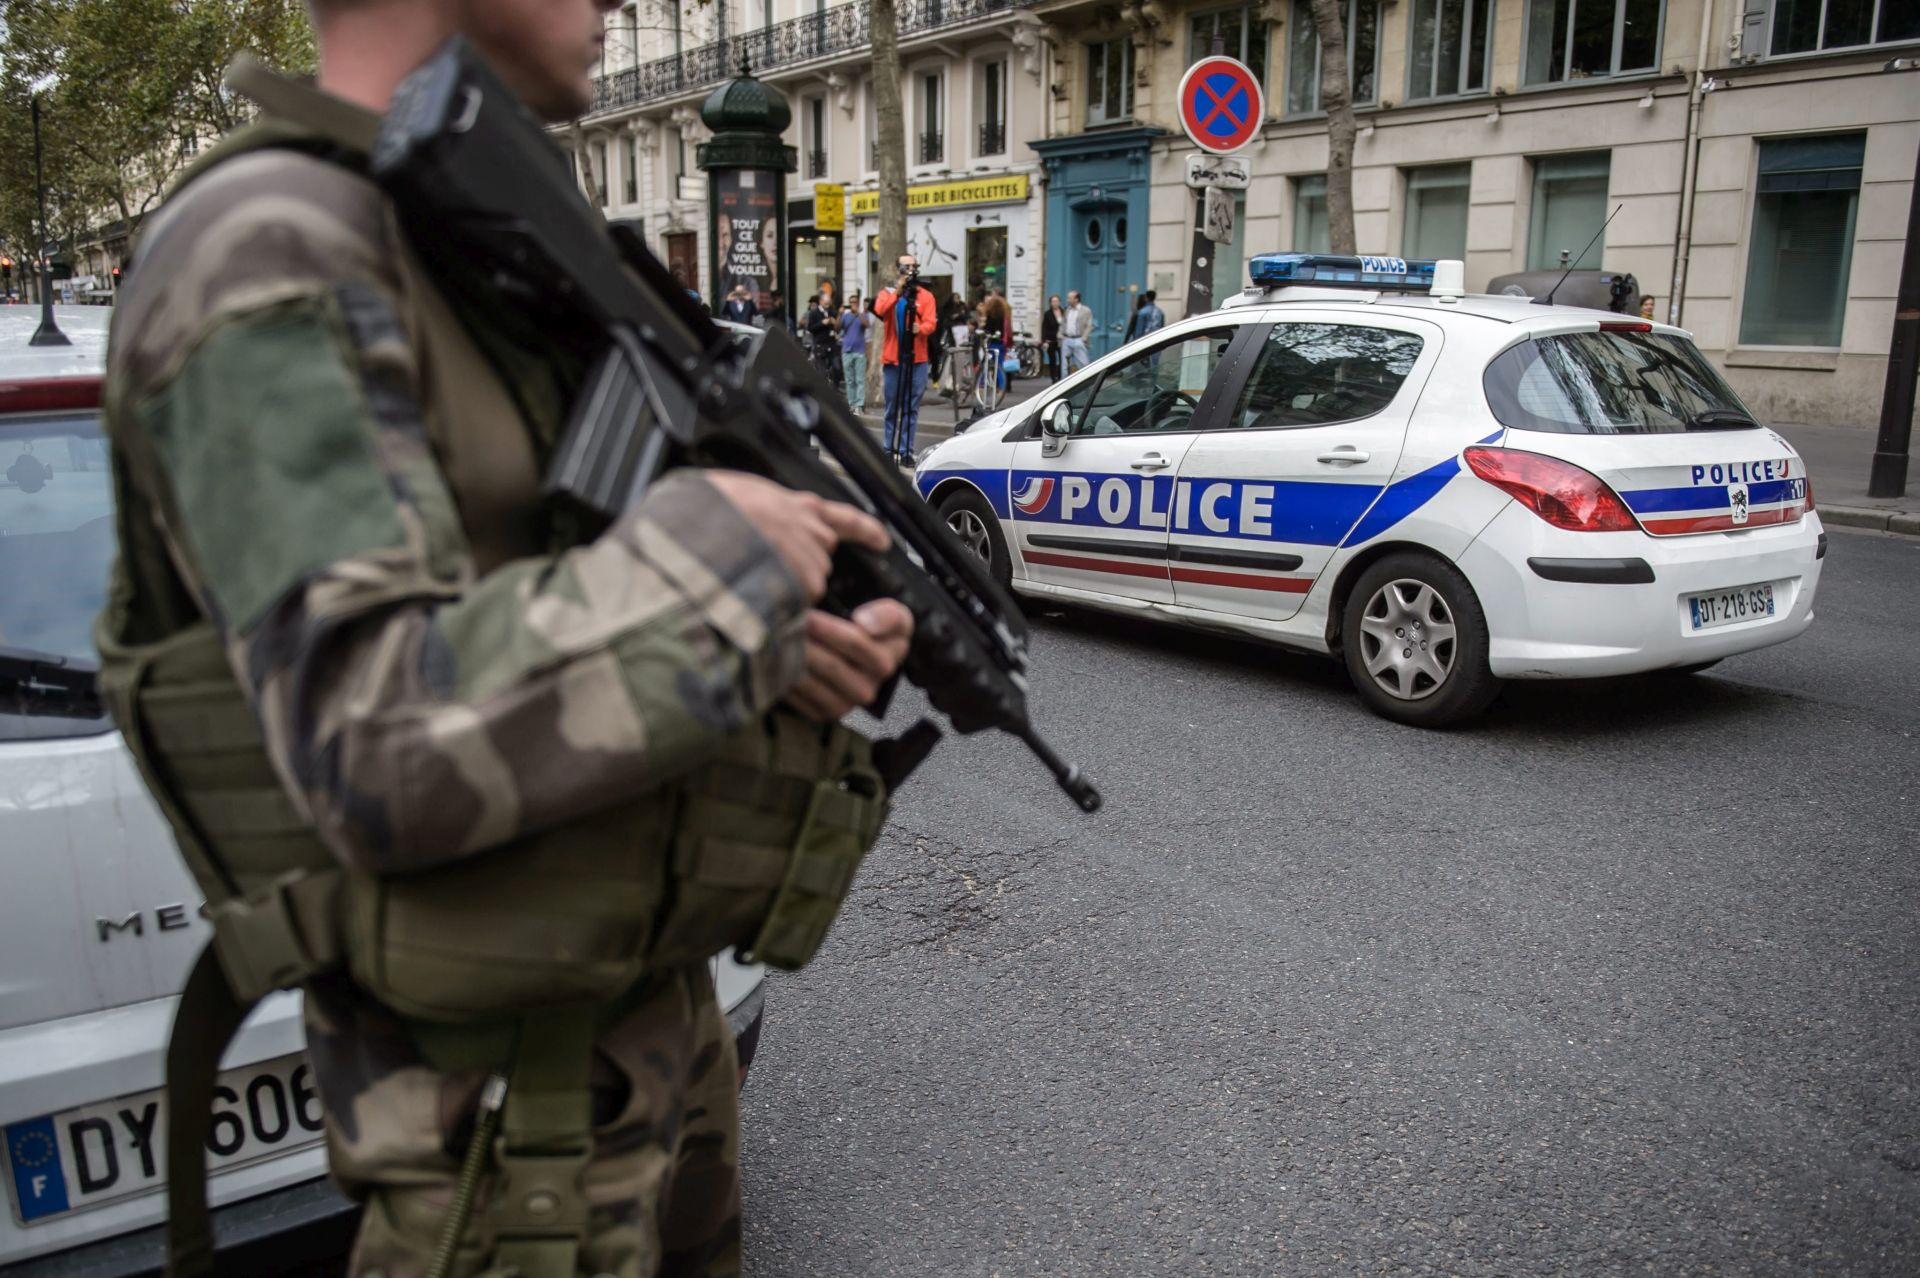 FRANCUSKA Uhićene četiri osobe, spriječen teroristički napad